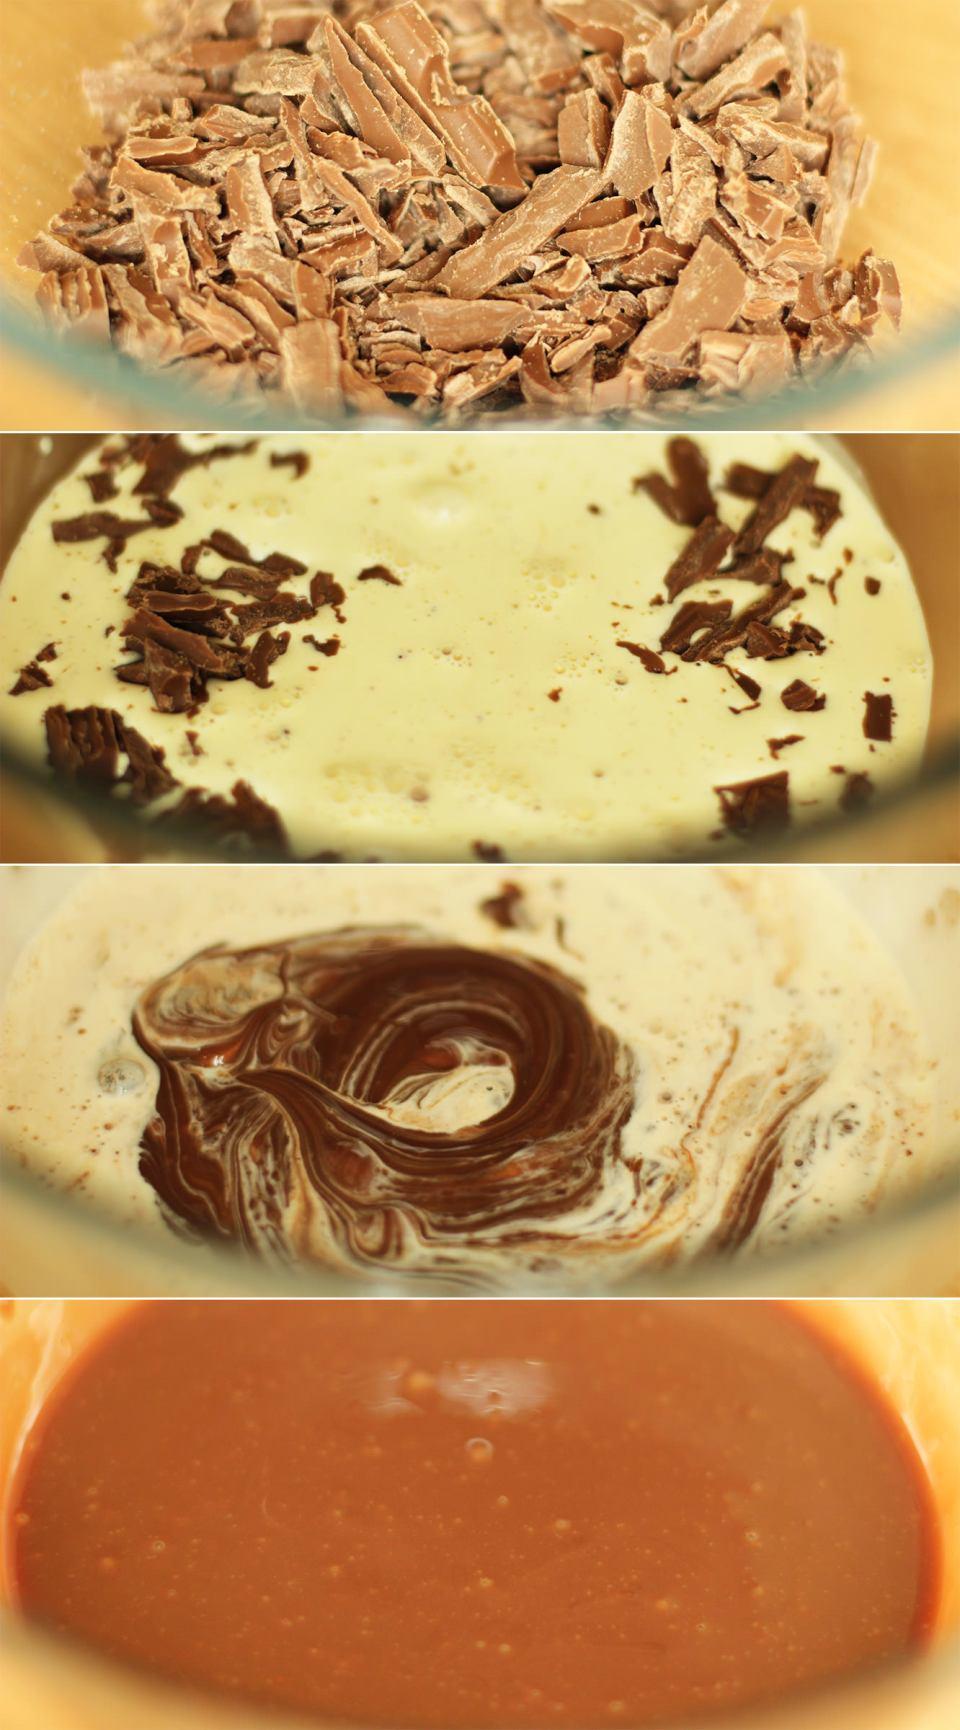 tunnocks-teacakes-cupcake-recipe-5